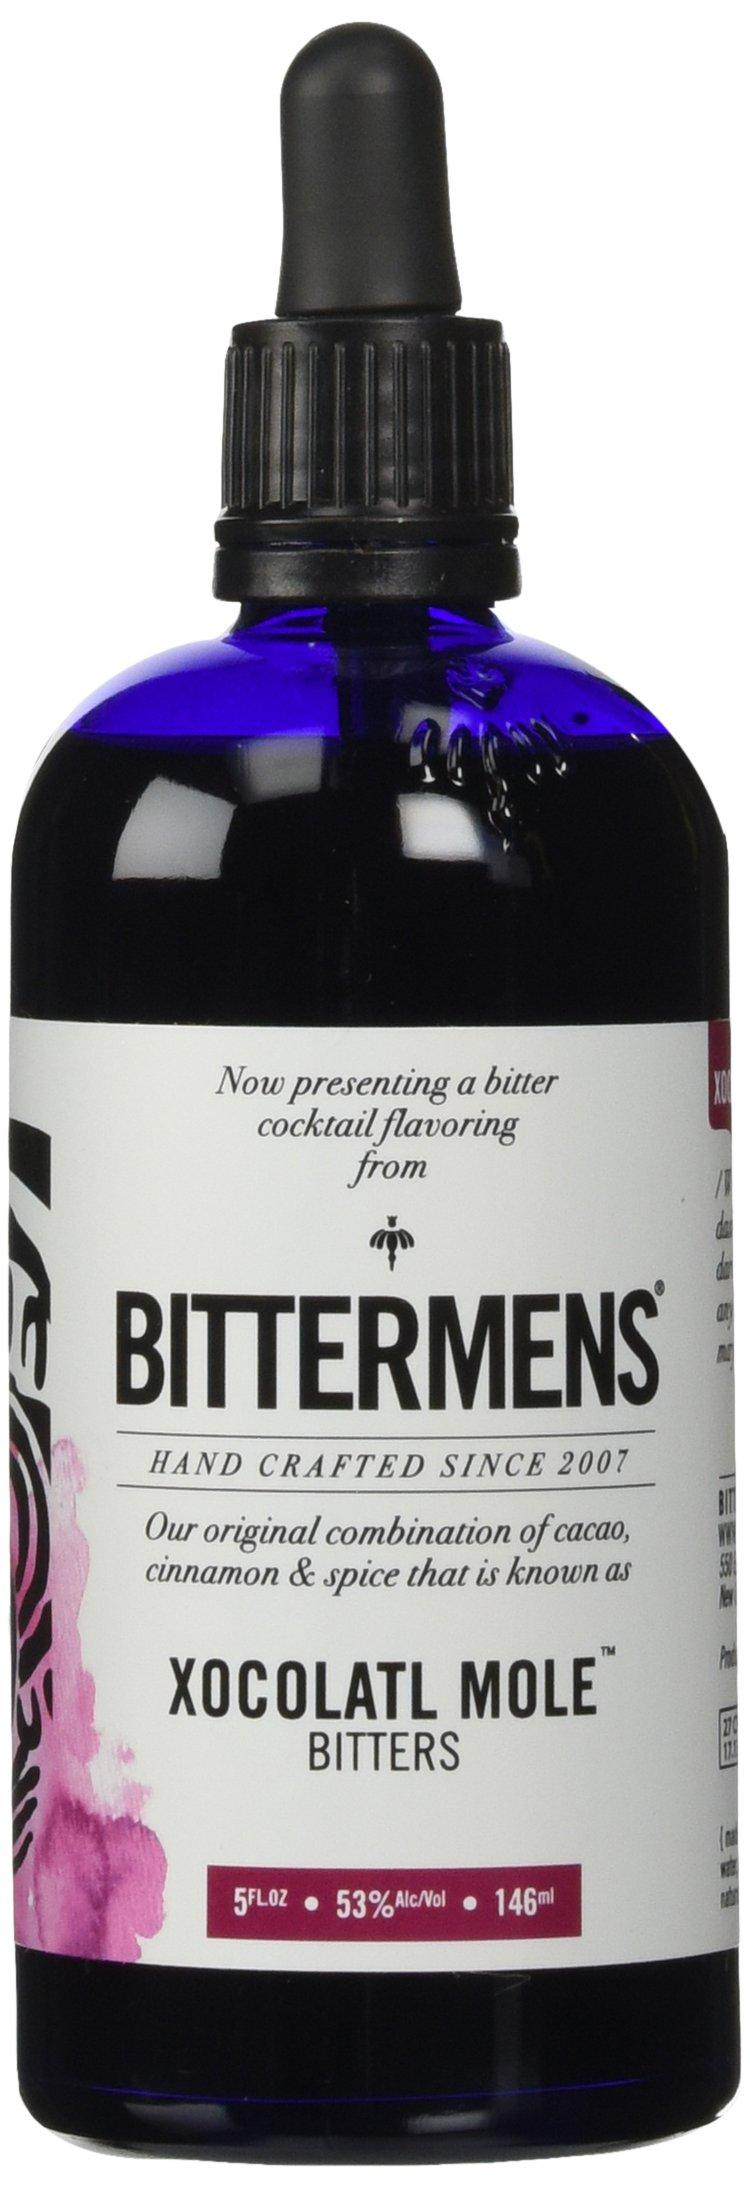 Bittermens Xocolatl Mole bitters, 5 ounce